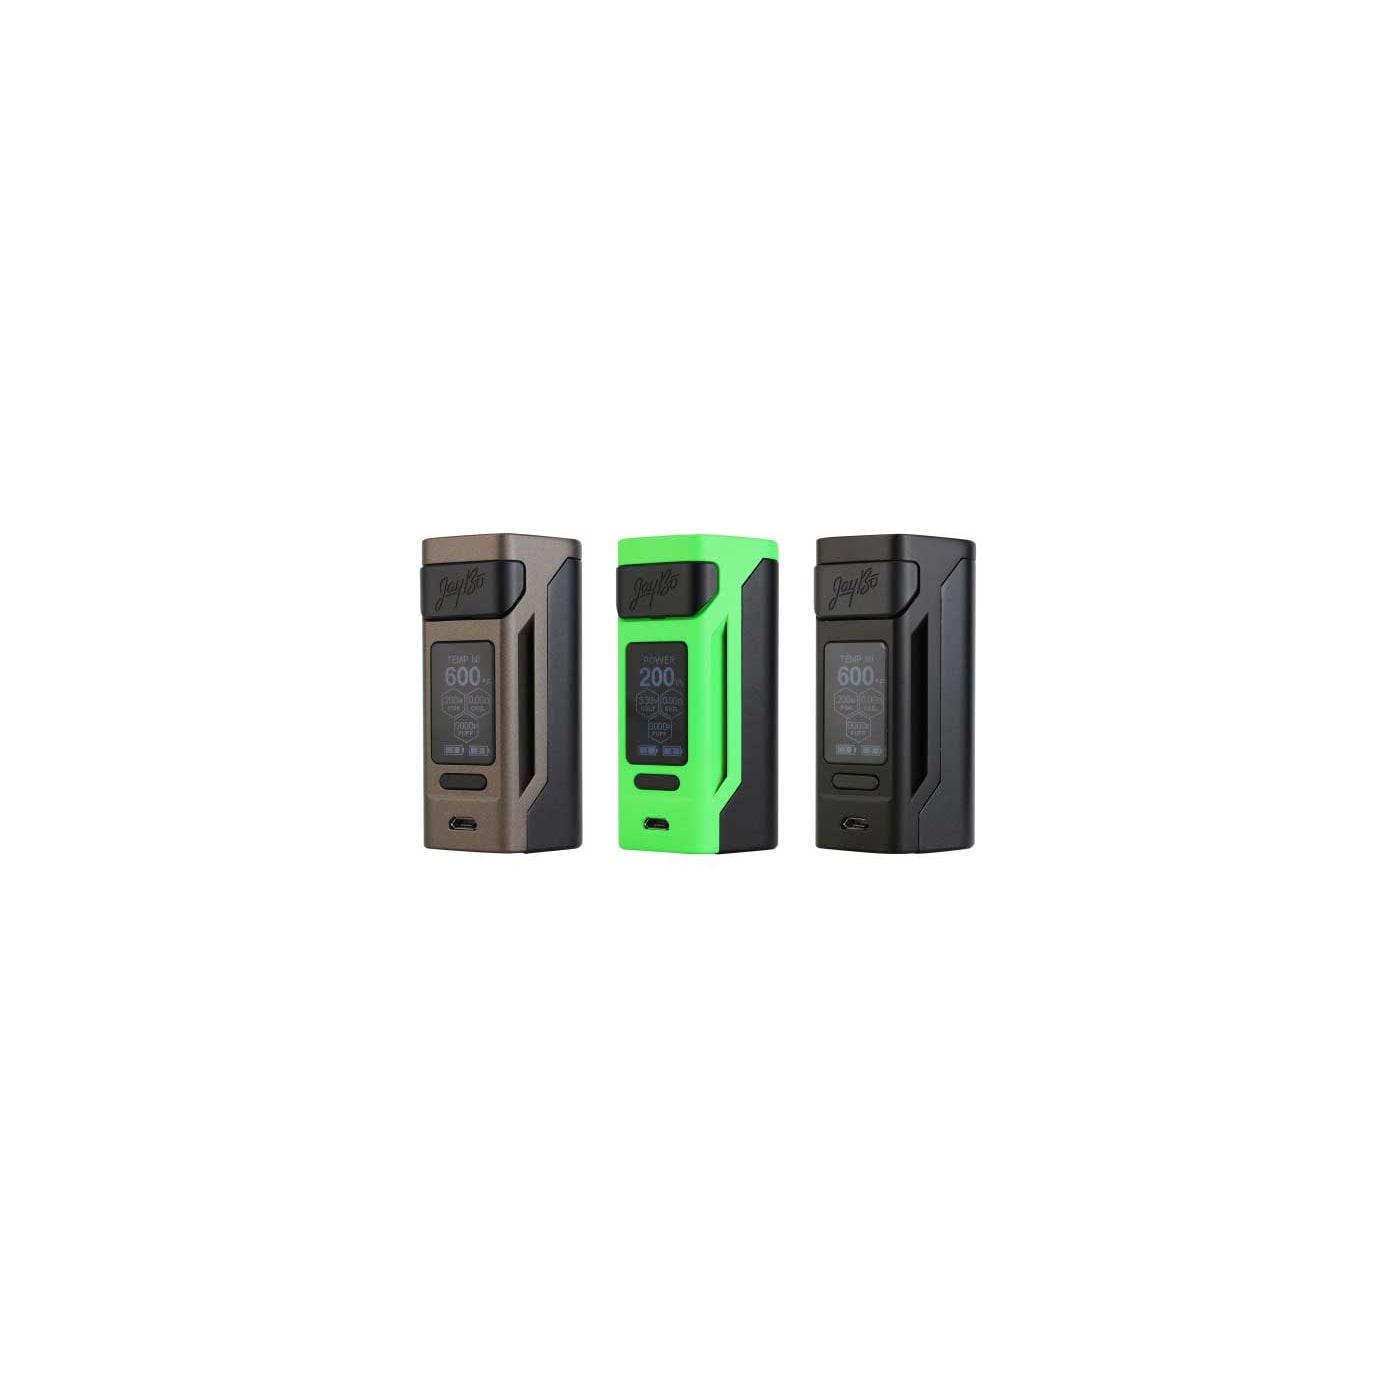 Wismec Reuleaux RX2 20700 Box Mod